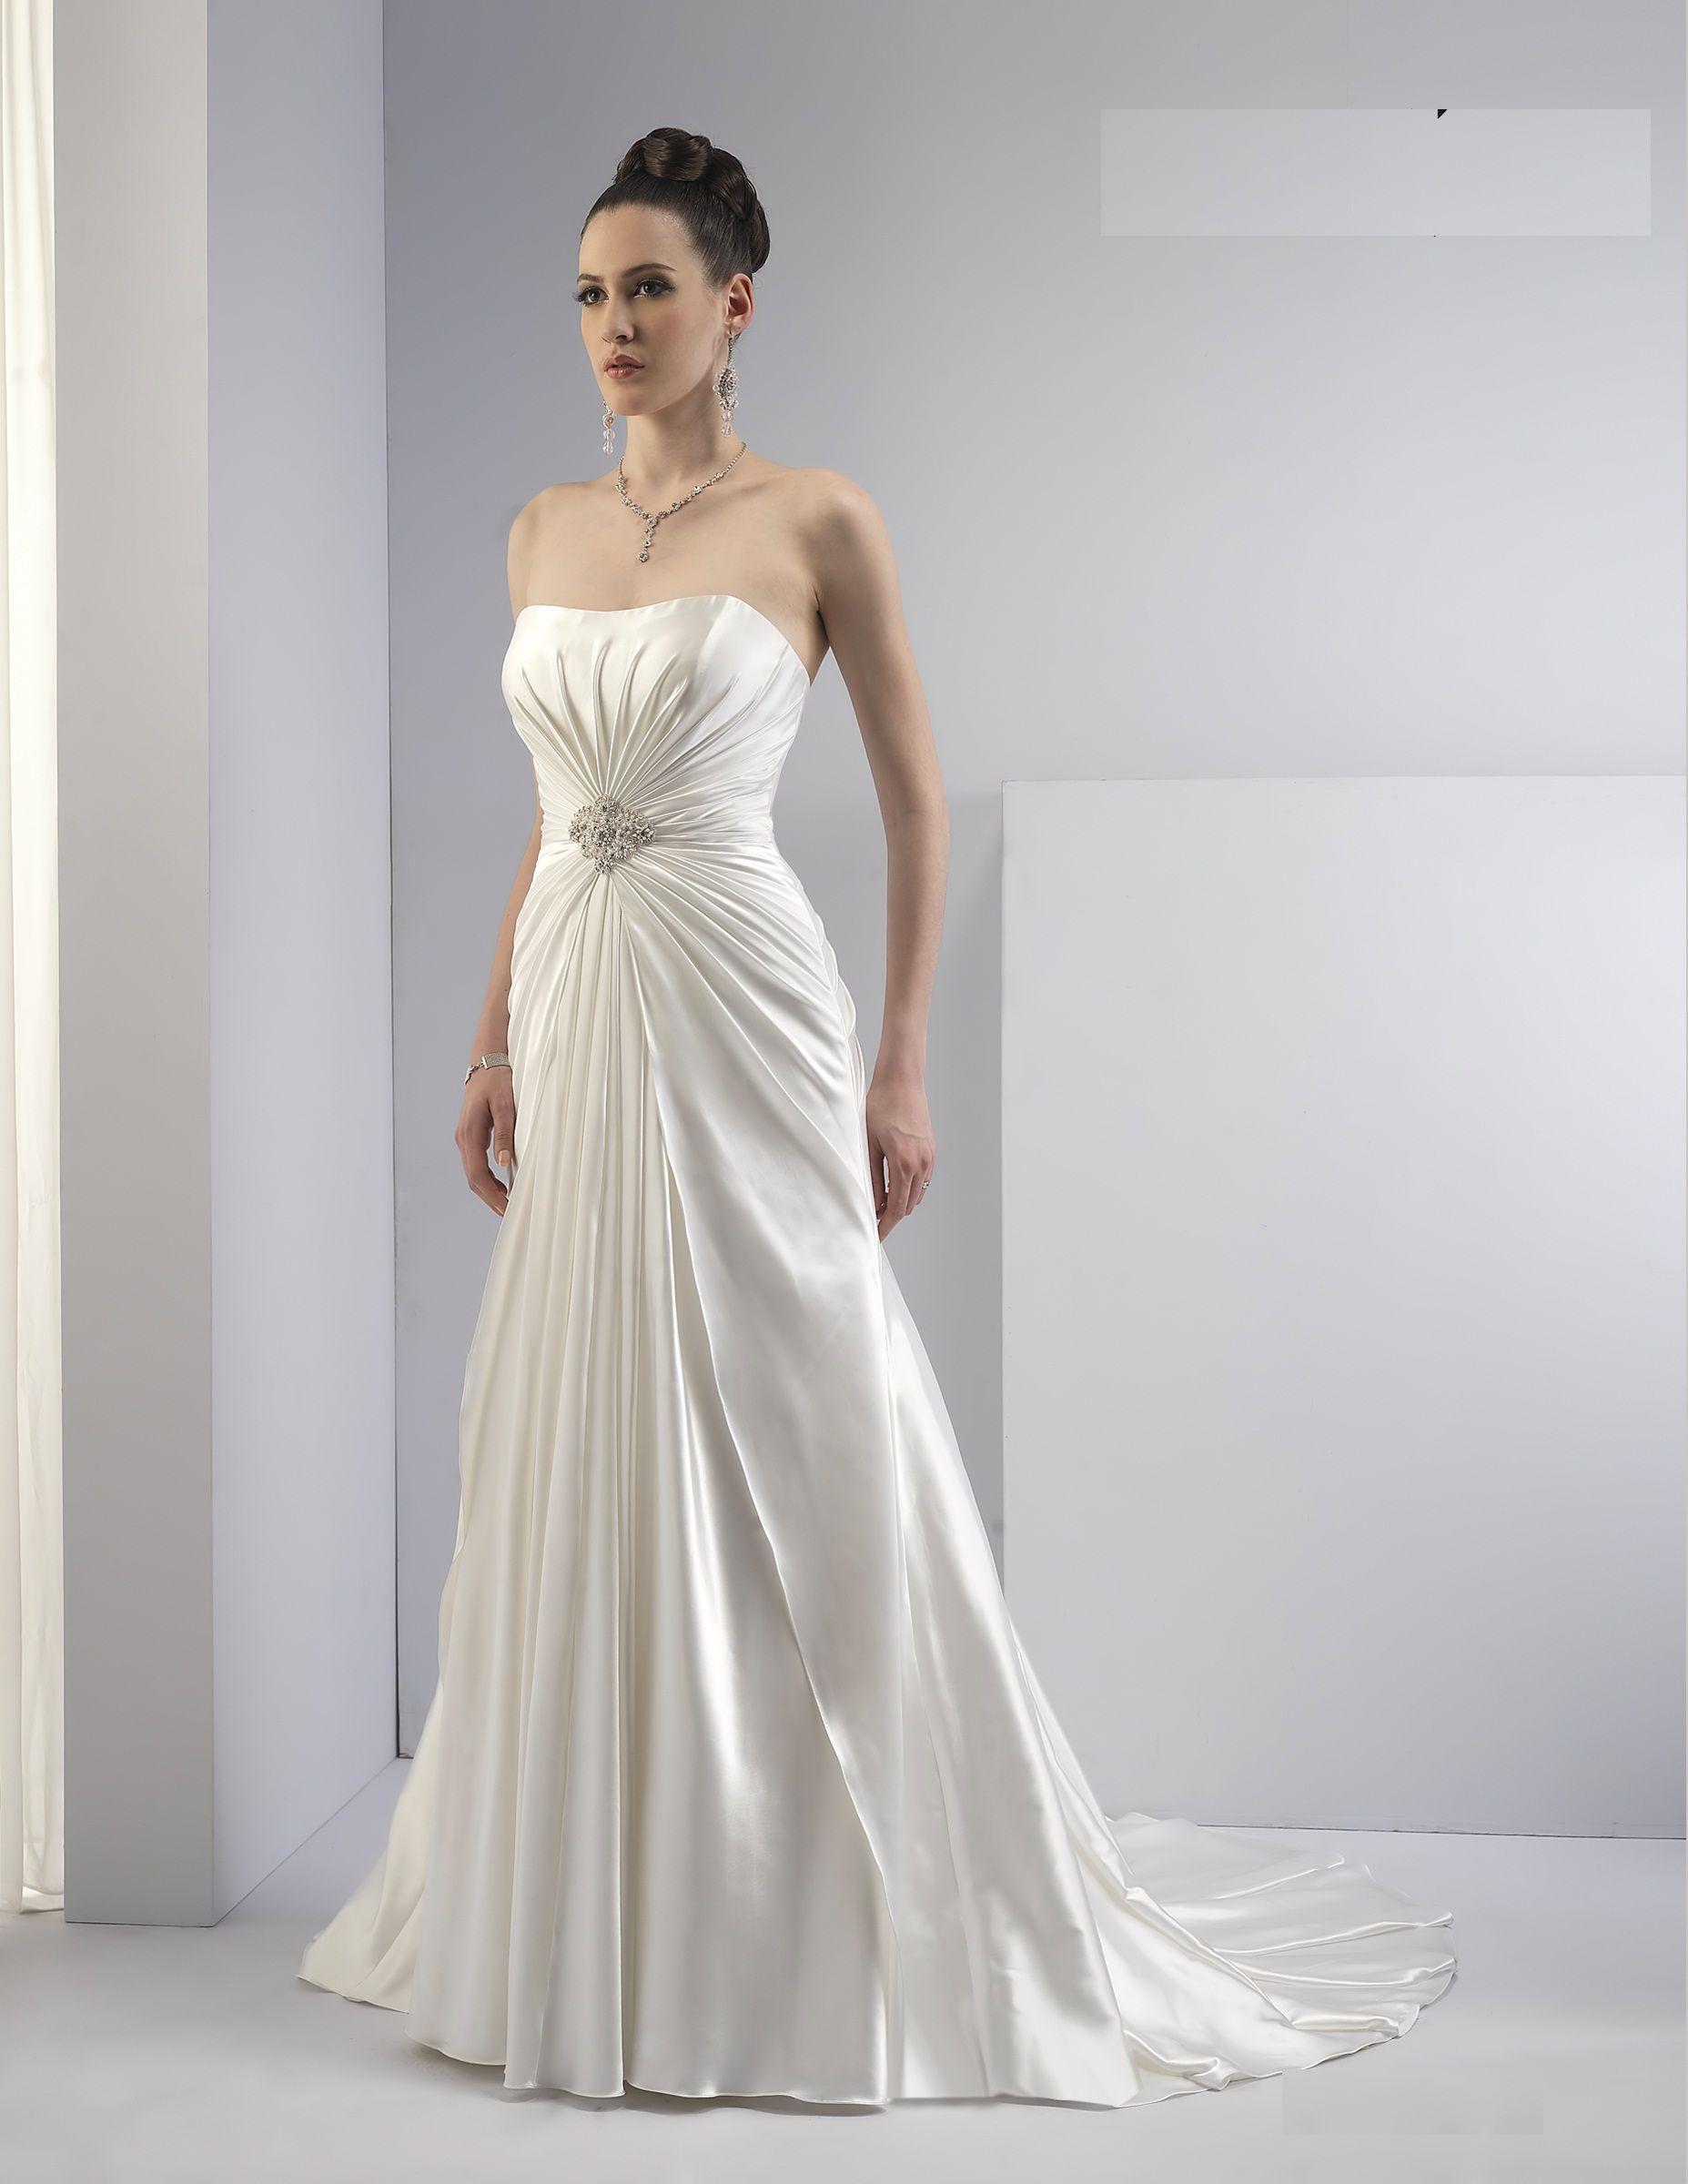 3C-YGIE | Bridal Clearance | Pinterest | Dress ideas, Wedding dress ...